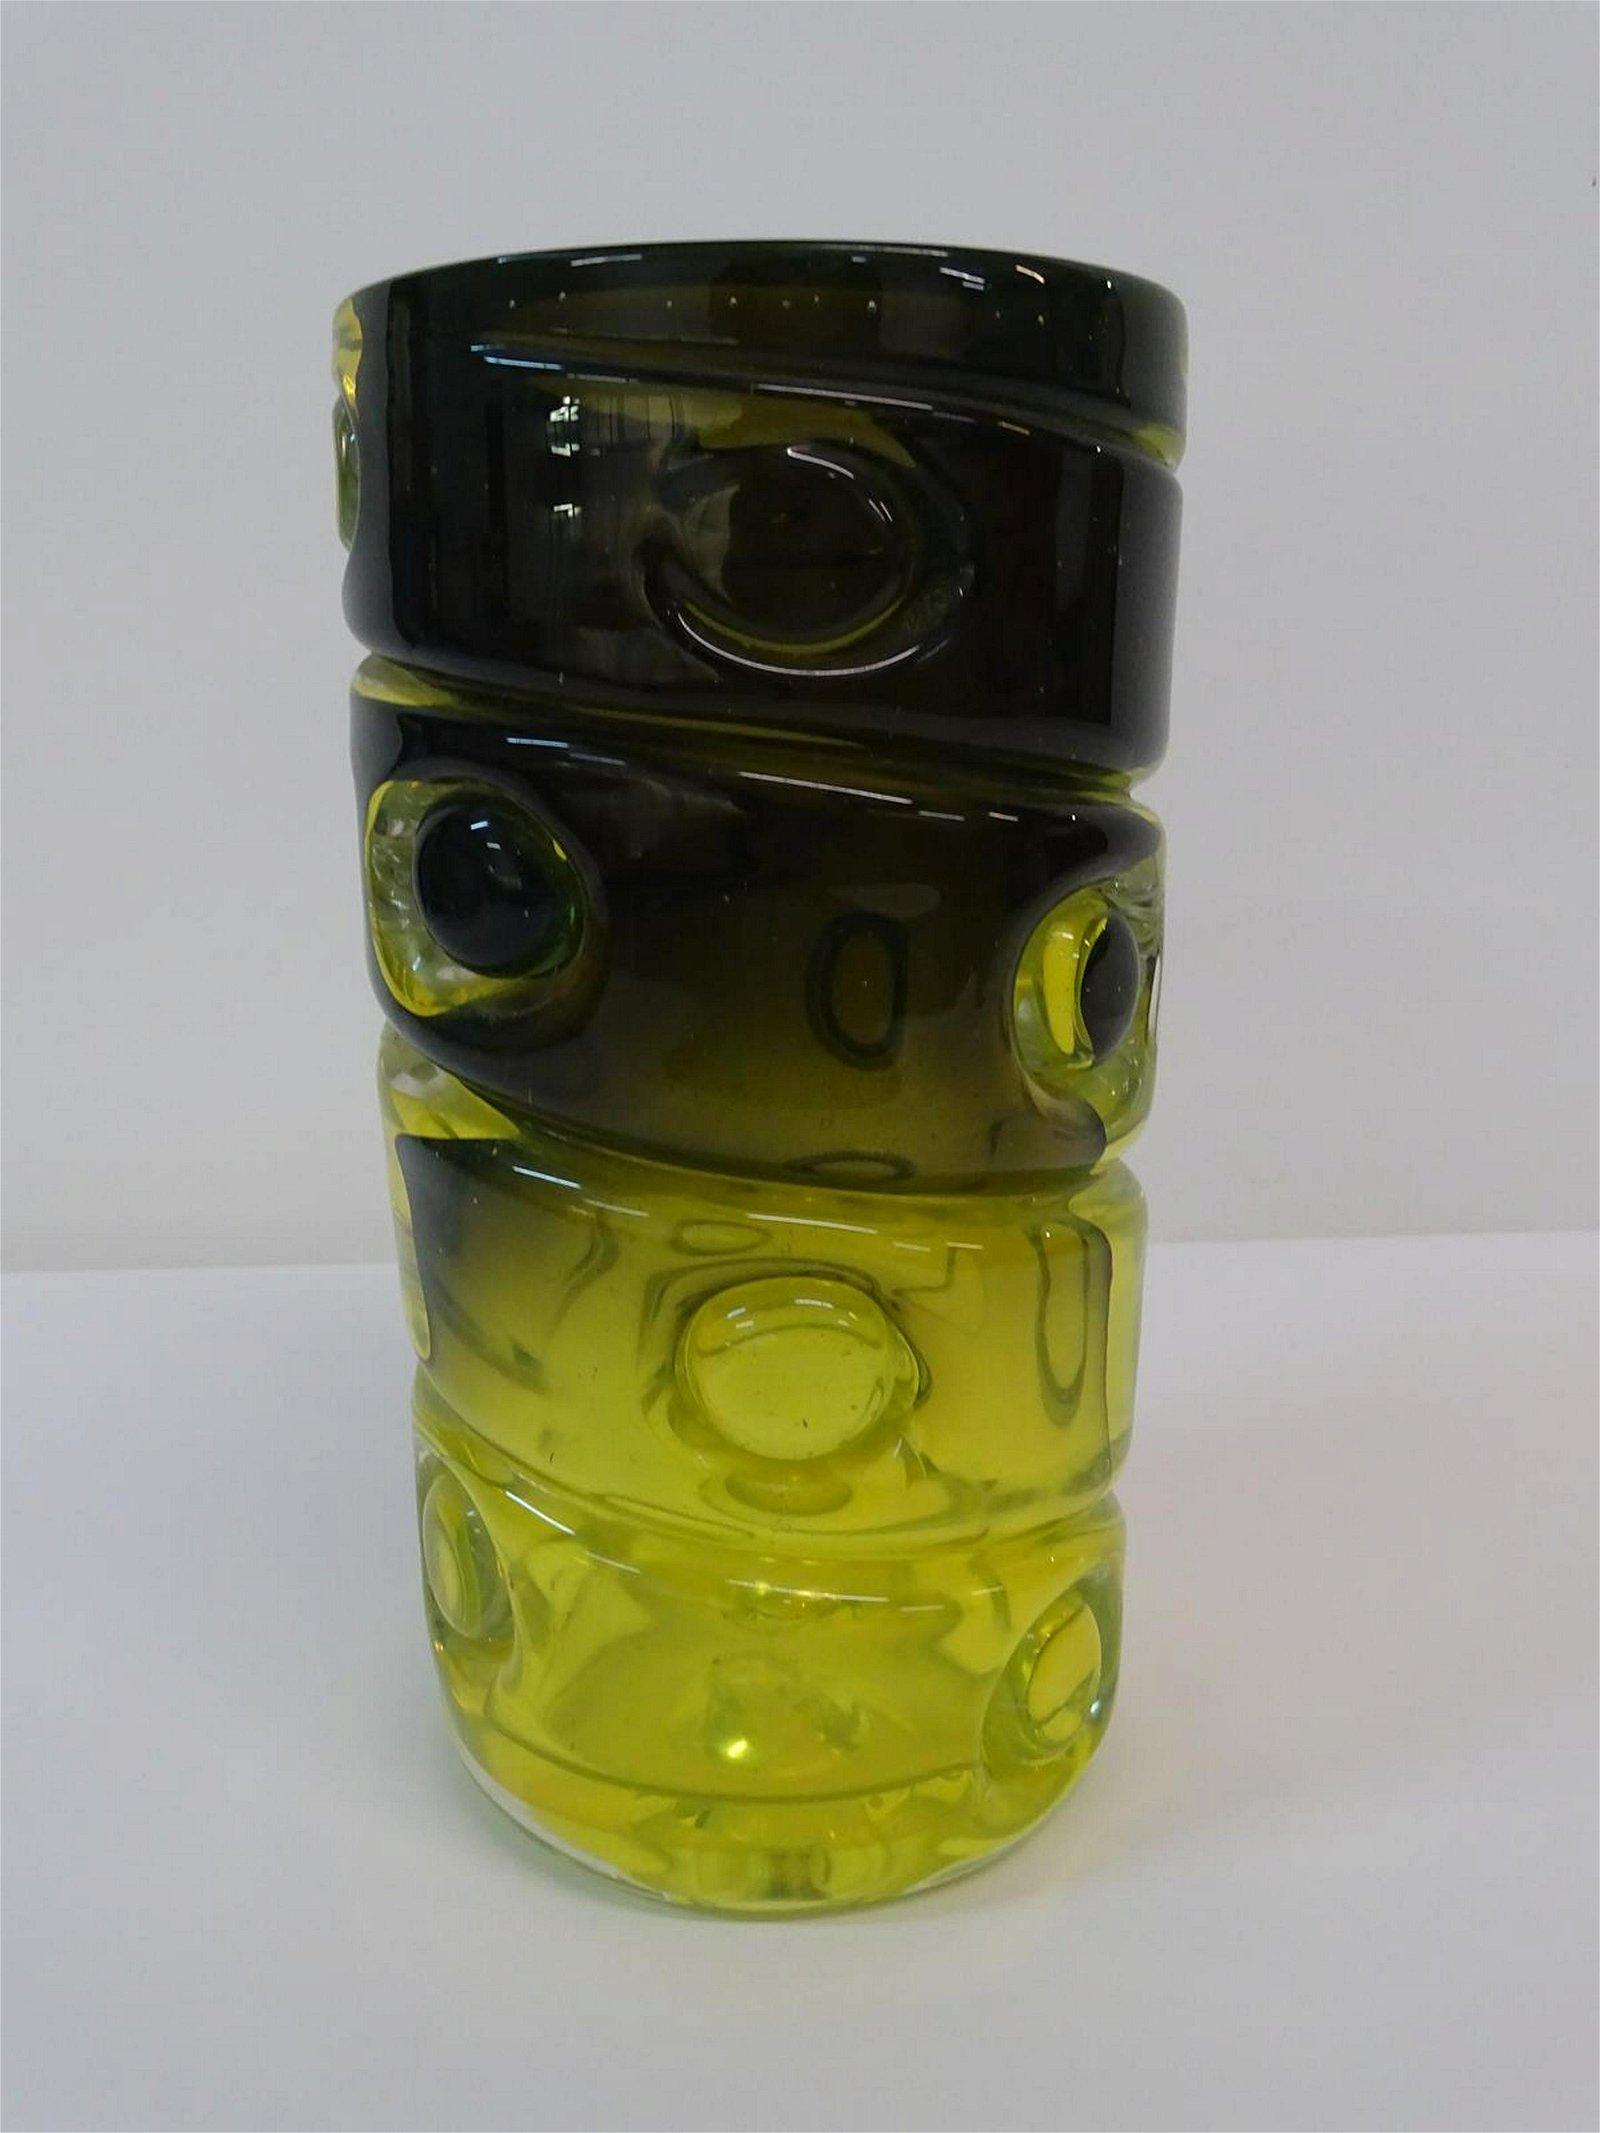 HEAVY MURANO ART GLASS VASE